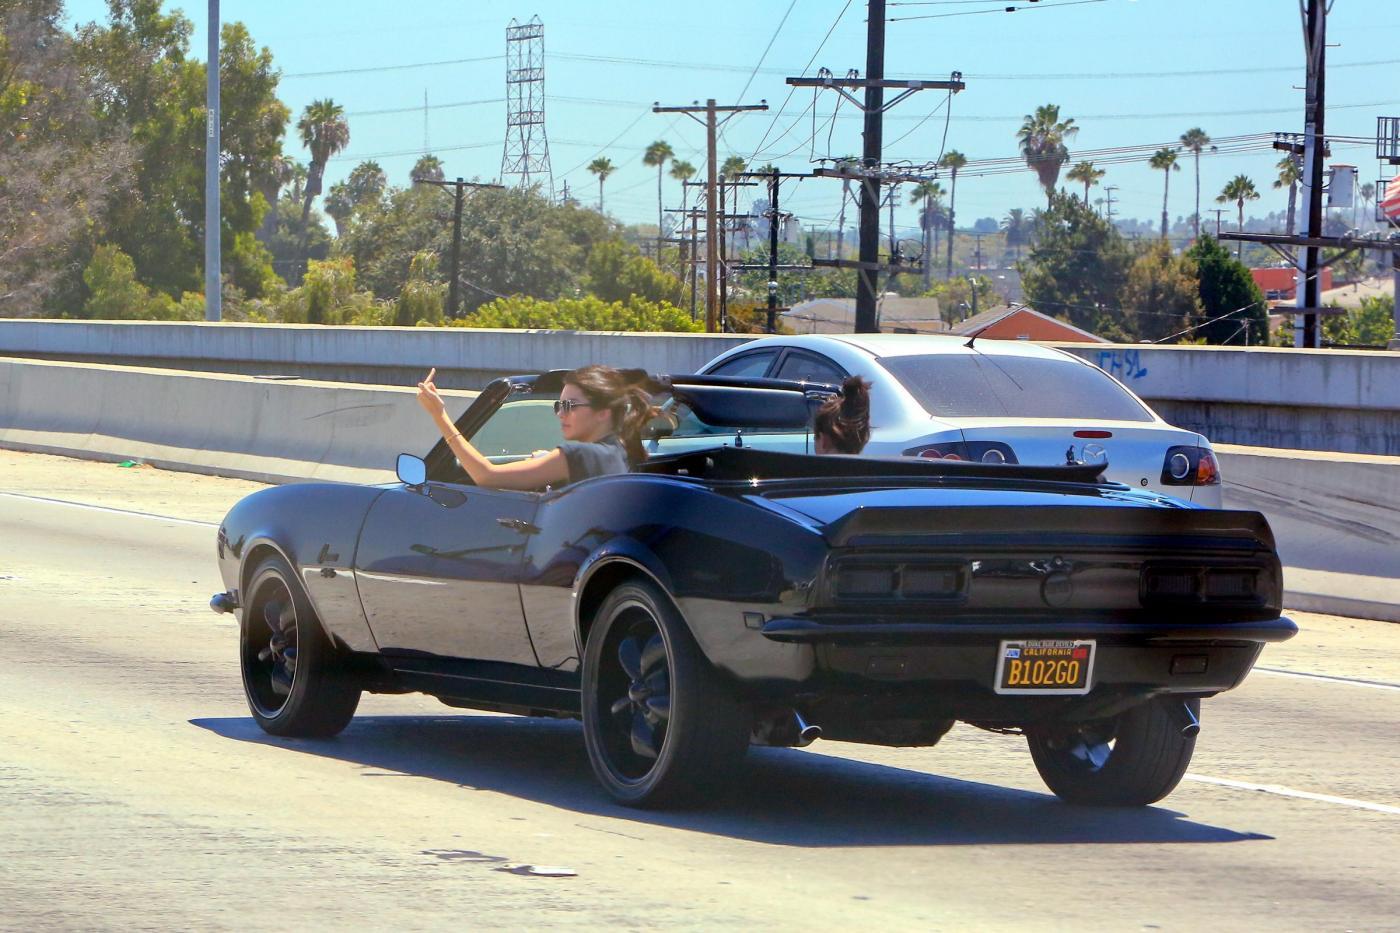 Kendall Jenner, addio finesse: alza dito medio ai paparazzi FOTO 8